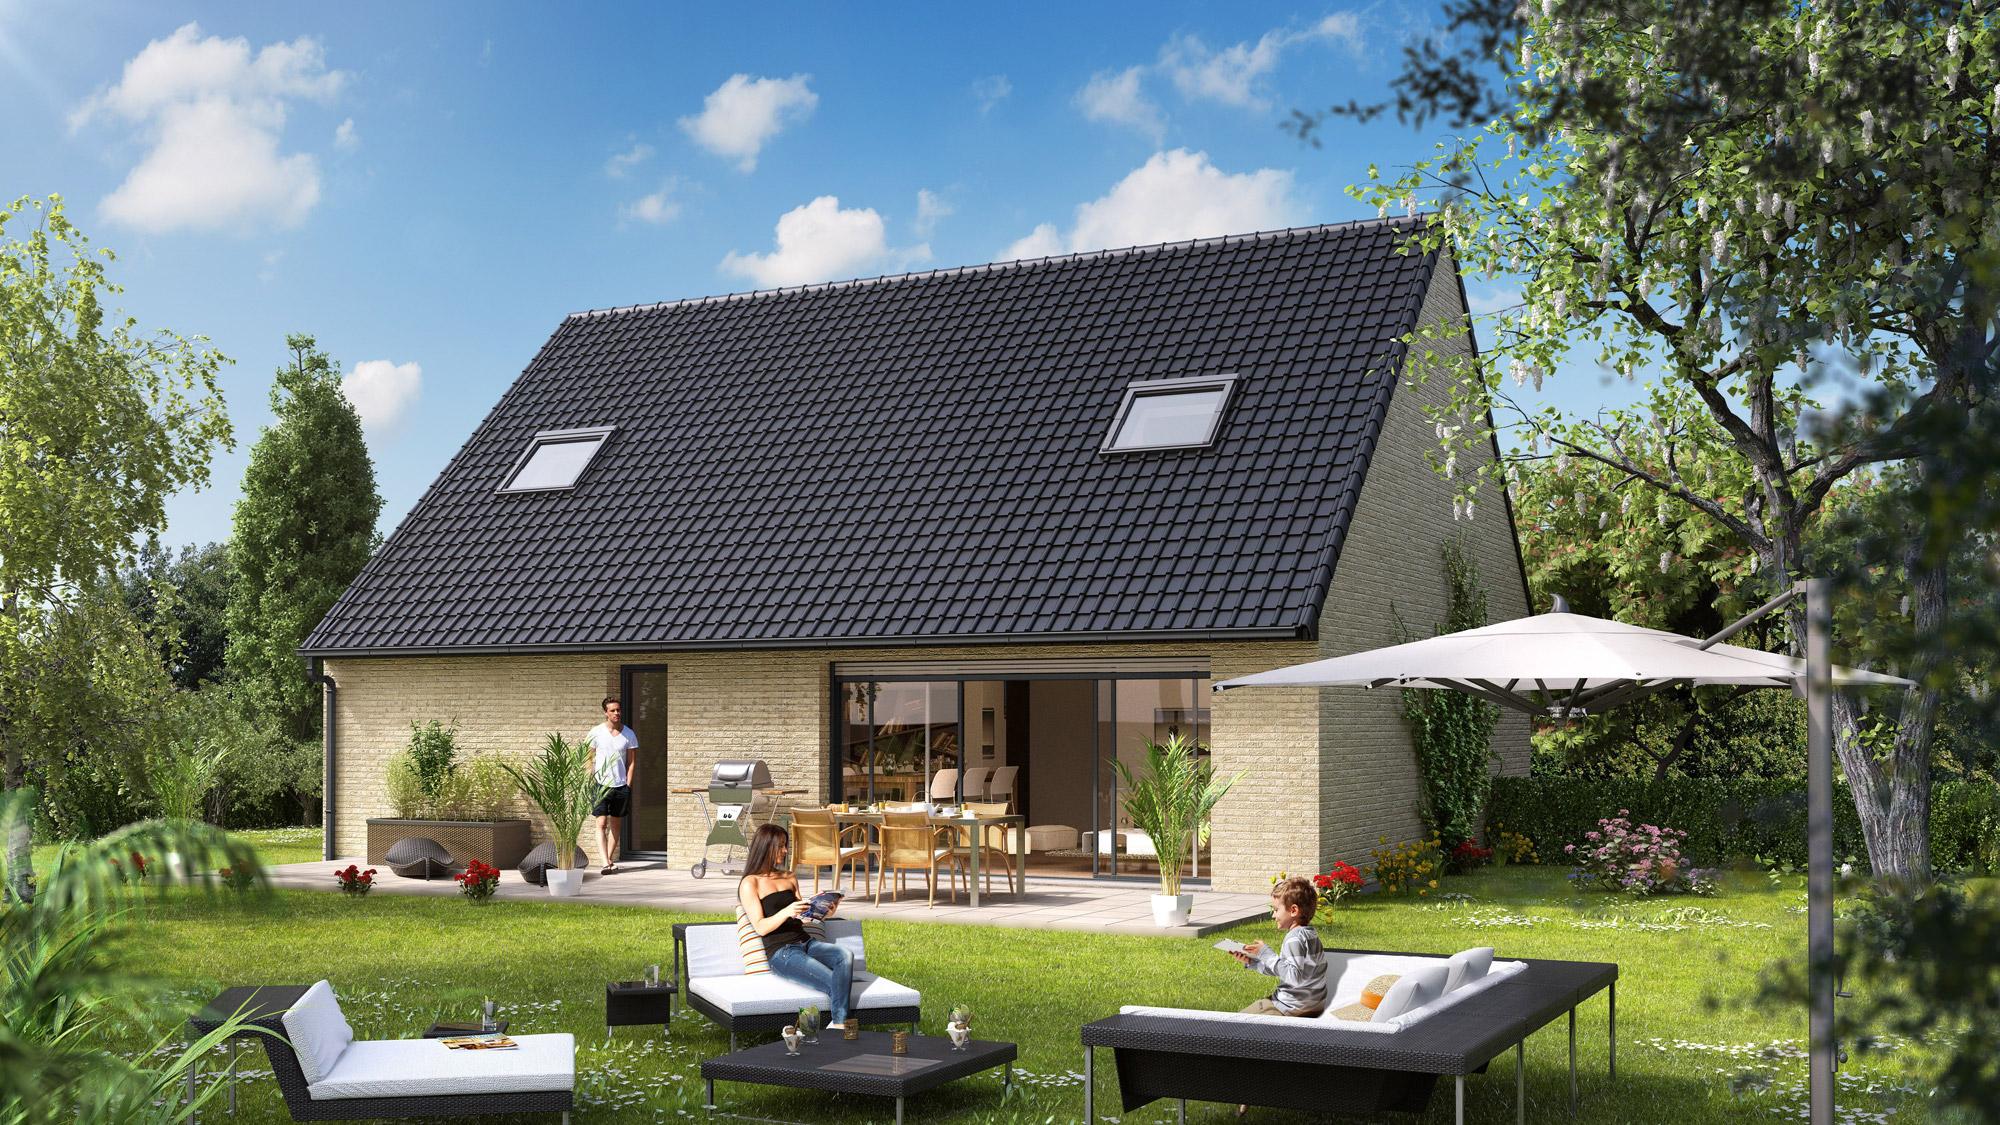 Maisons imag 39 in id al pour votre premier achat for Achat premiere maison